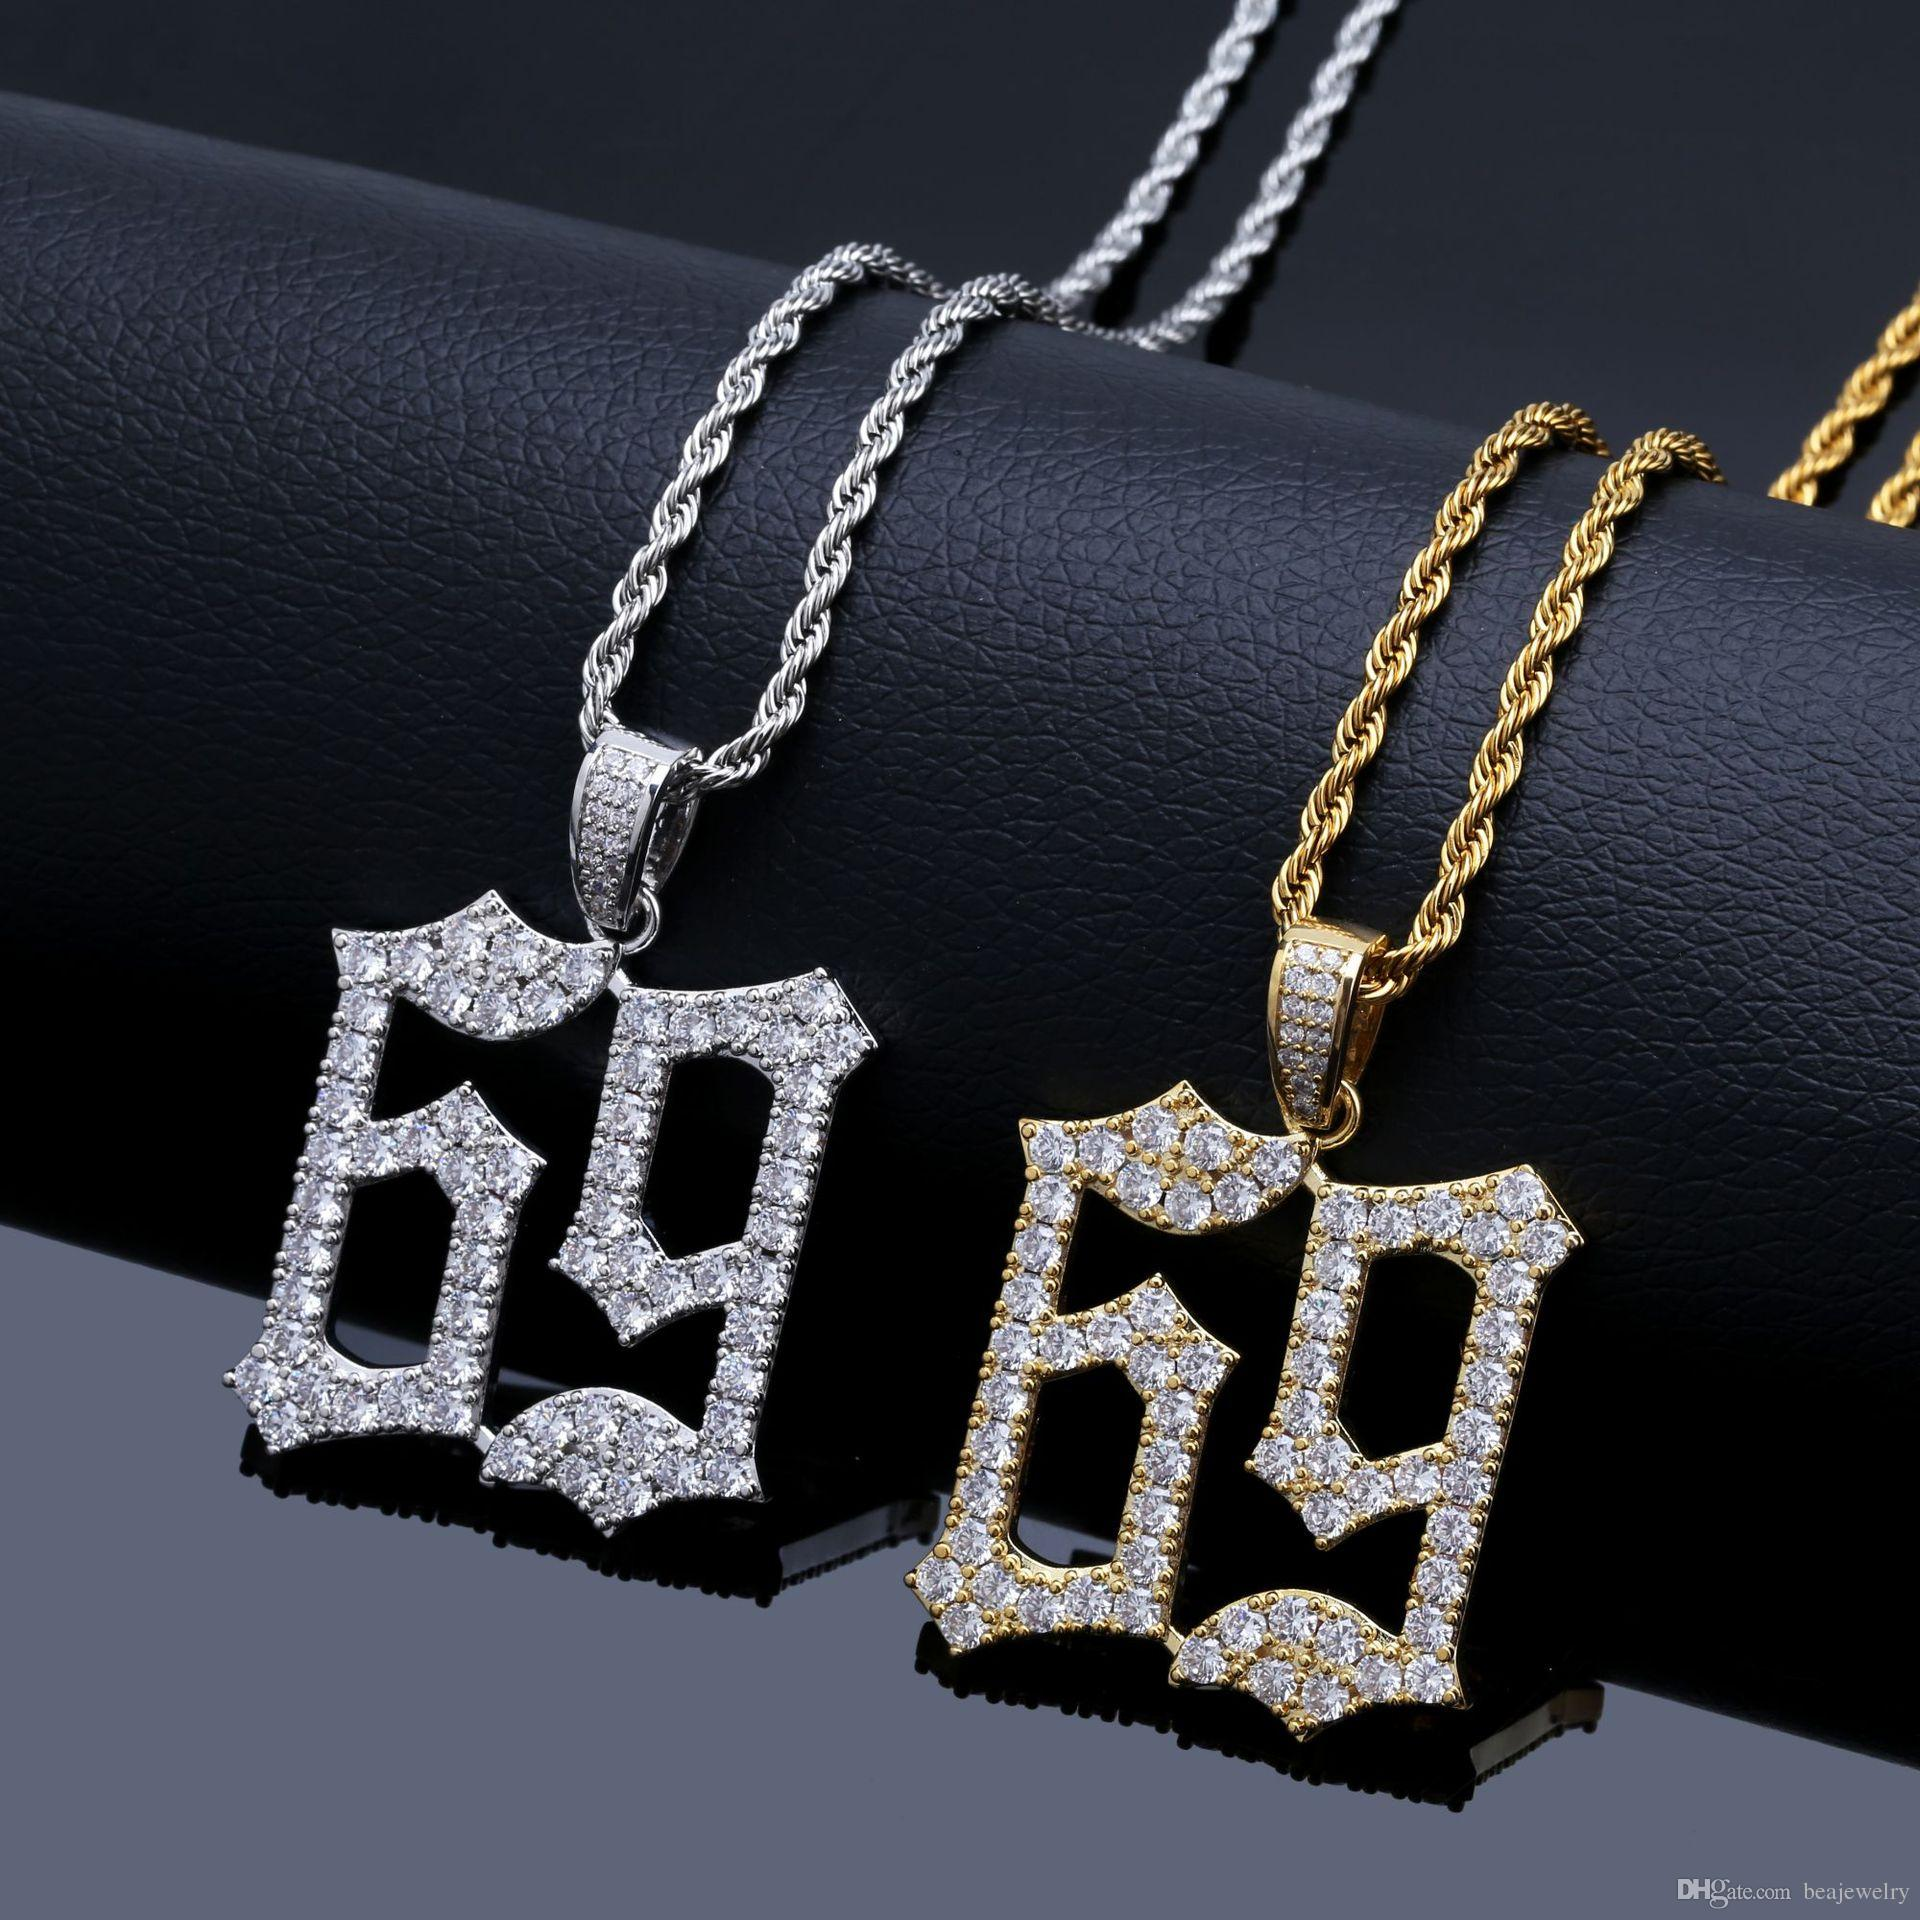 Nuovi Prodotti d946b 8b997 Acquista Collana Hip Hop Fashion 69 Saw Collana In Oro Zircone Cubico A  $11.75 Dal Beajewelry | DHgate.Com